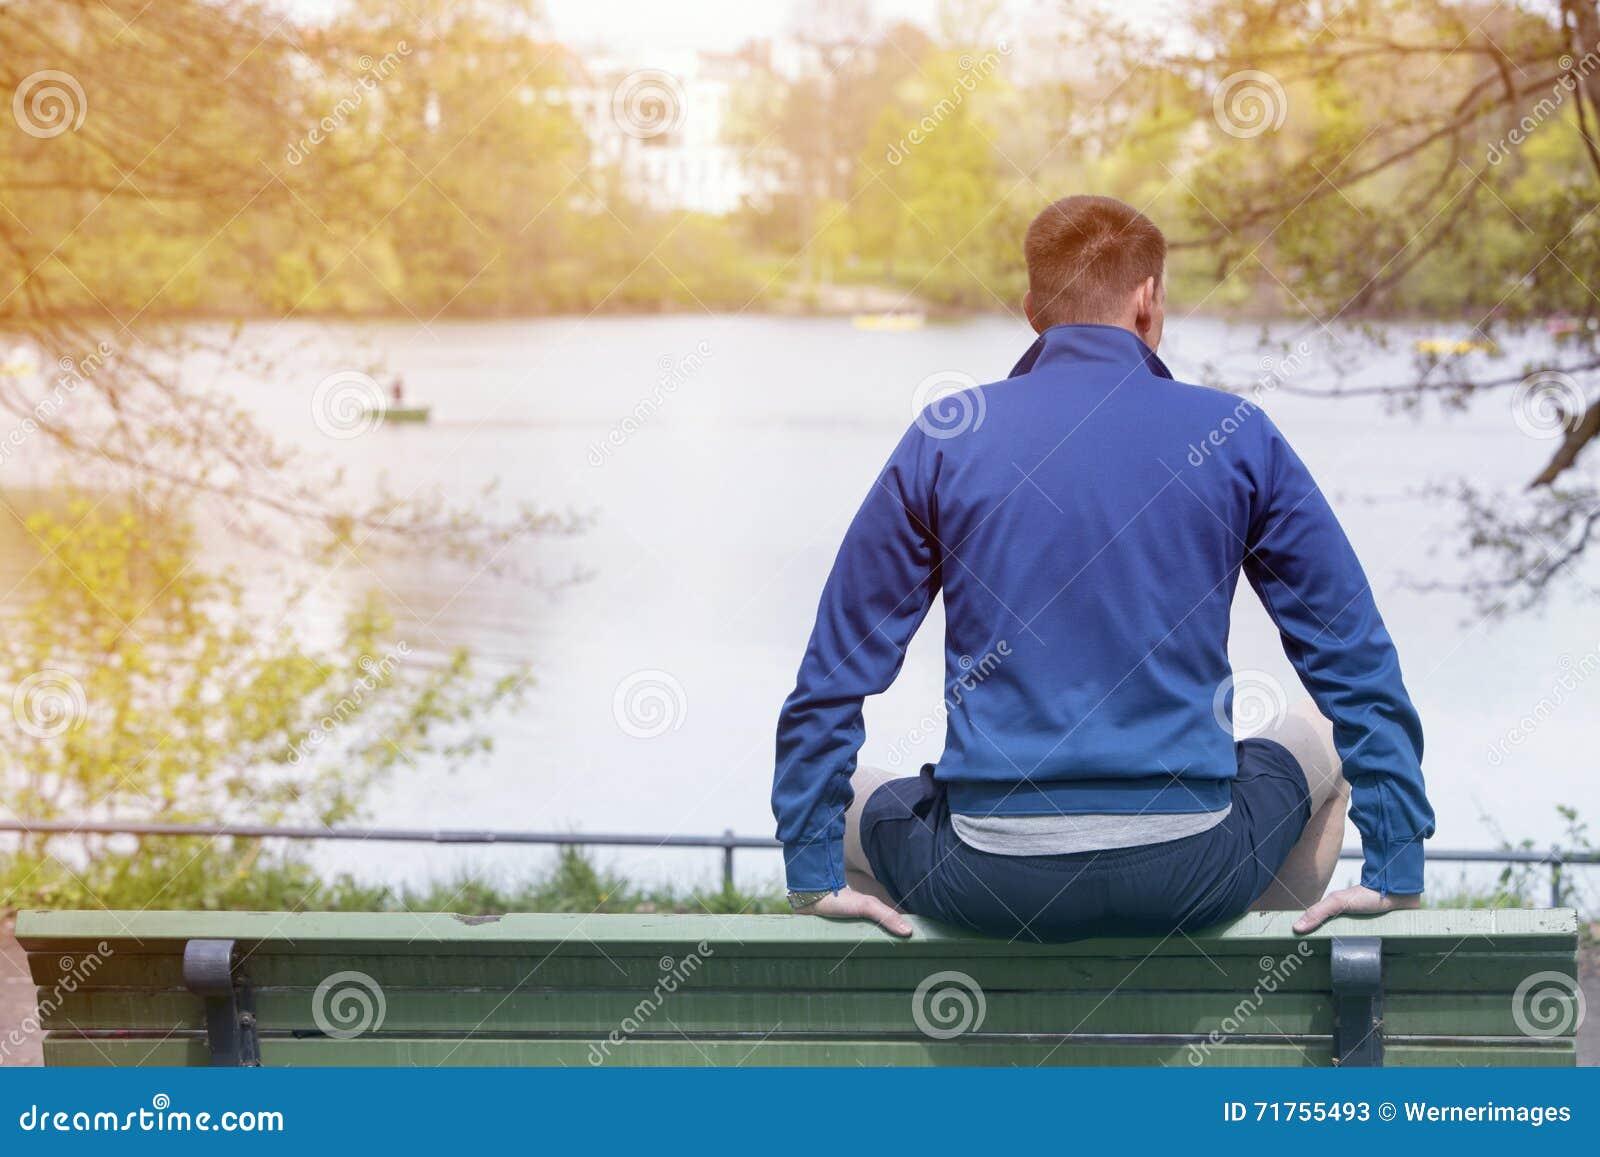 Συνεδρίαση ατόμων στον πάγκο και εξέταση μια λίμνη